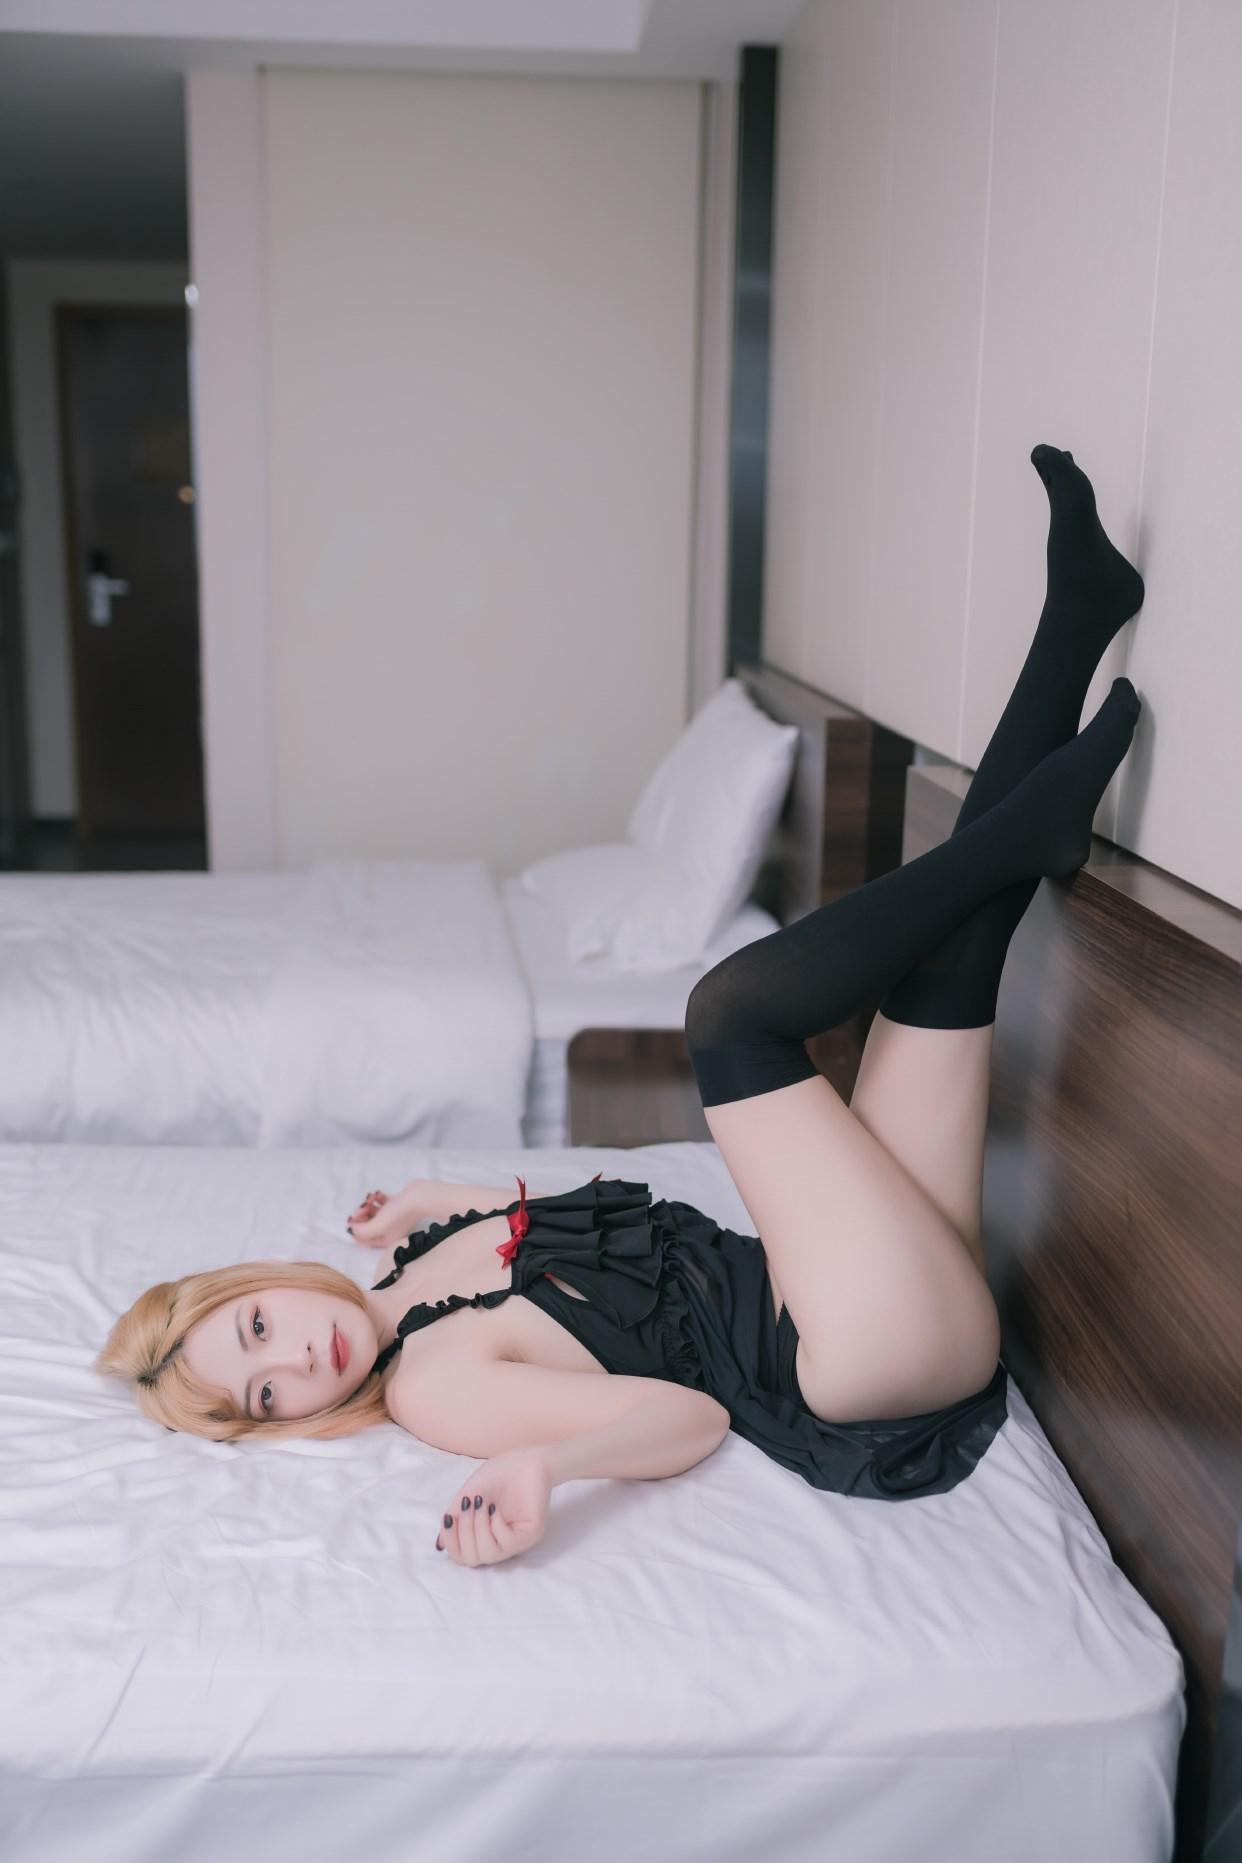 【兔玩映画】性感小睡衣 兔玩映画 第29张